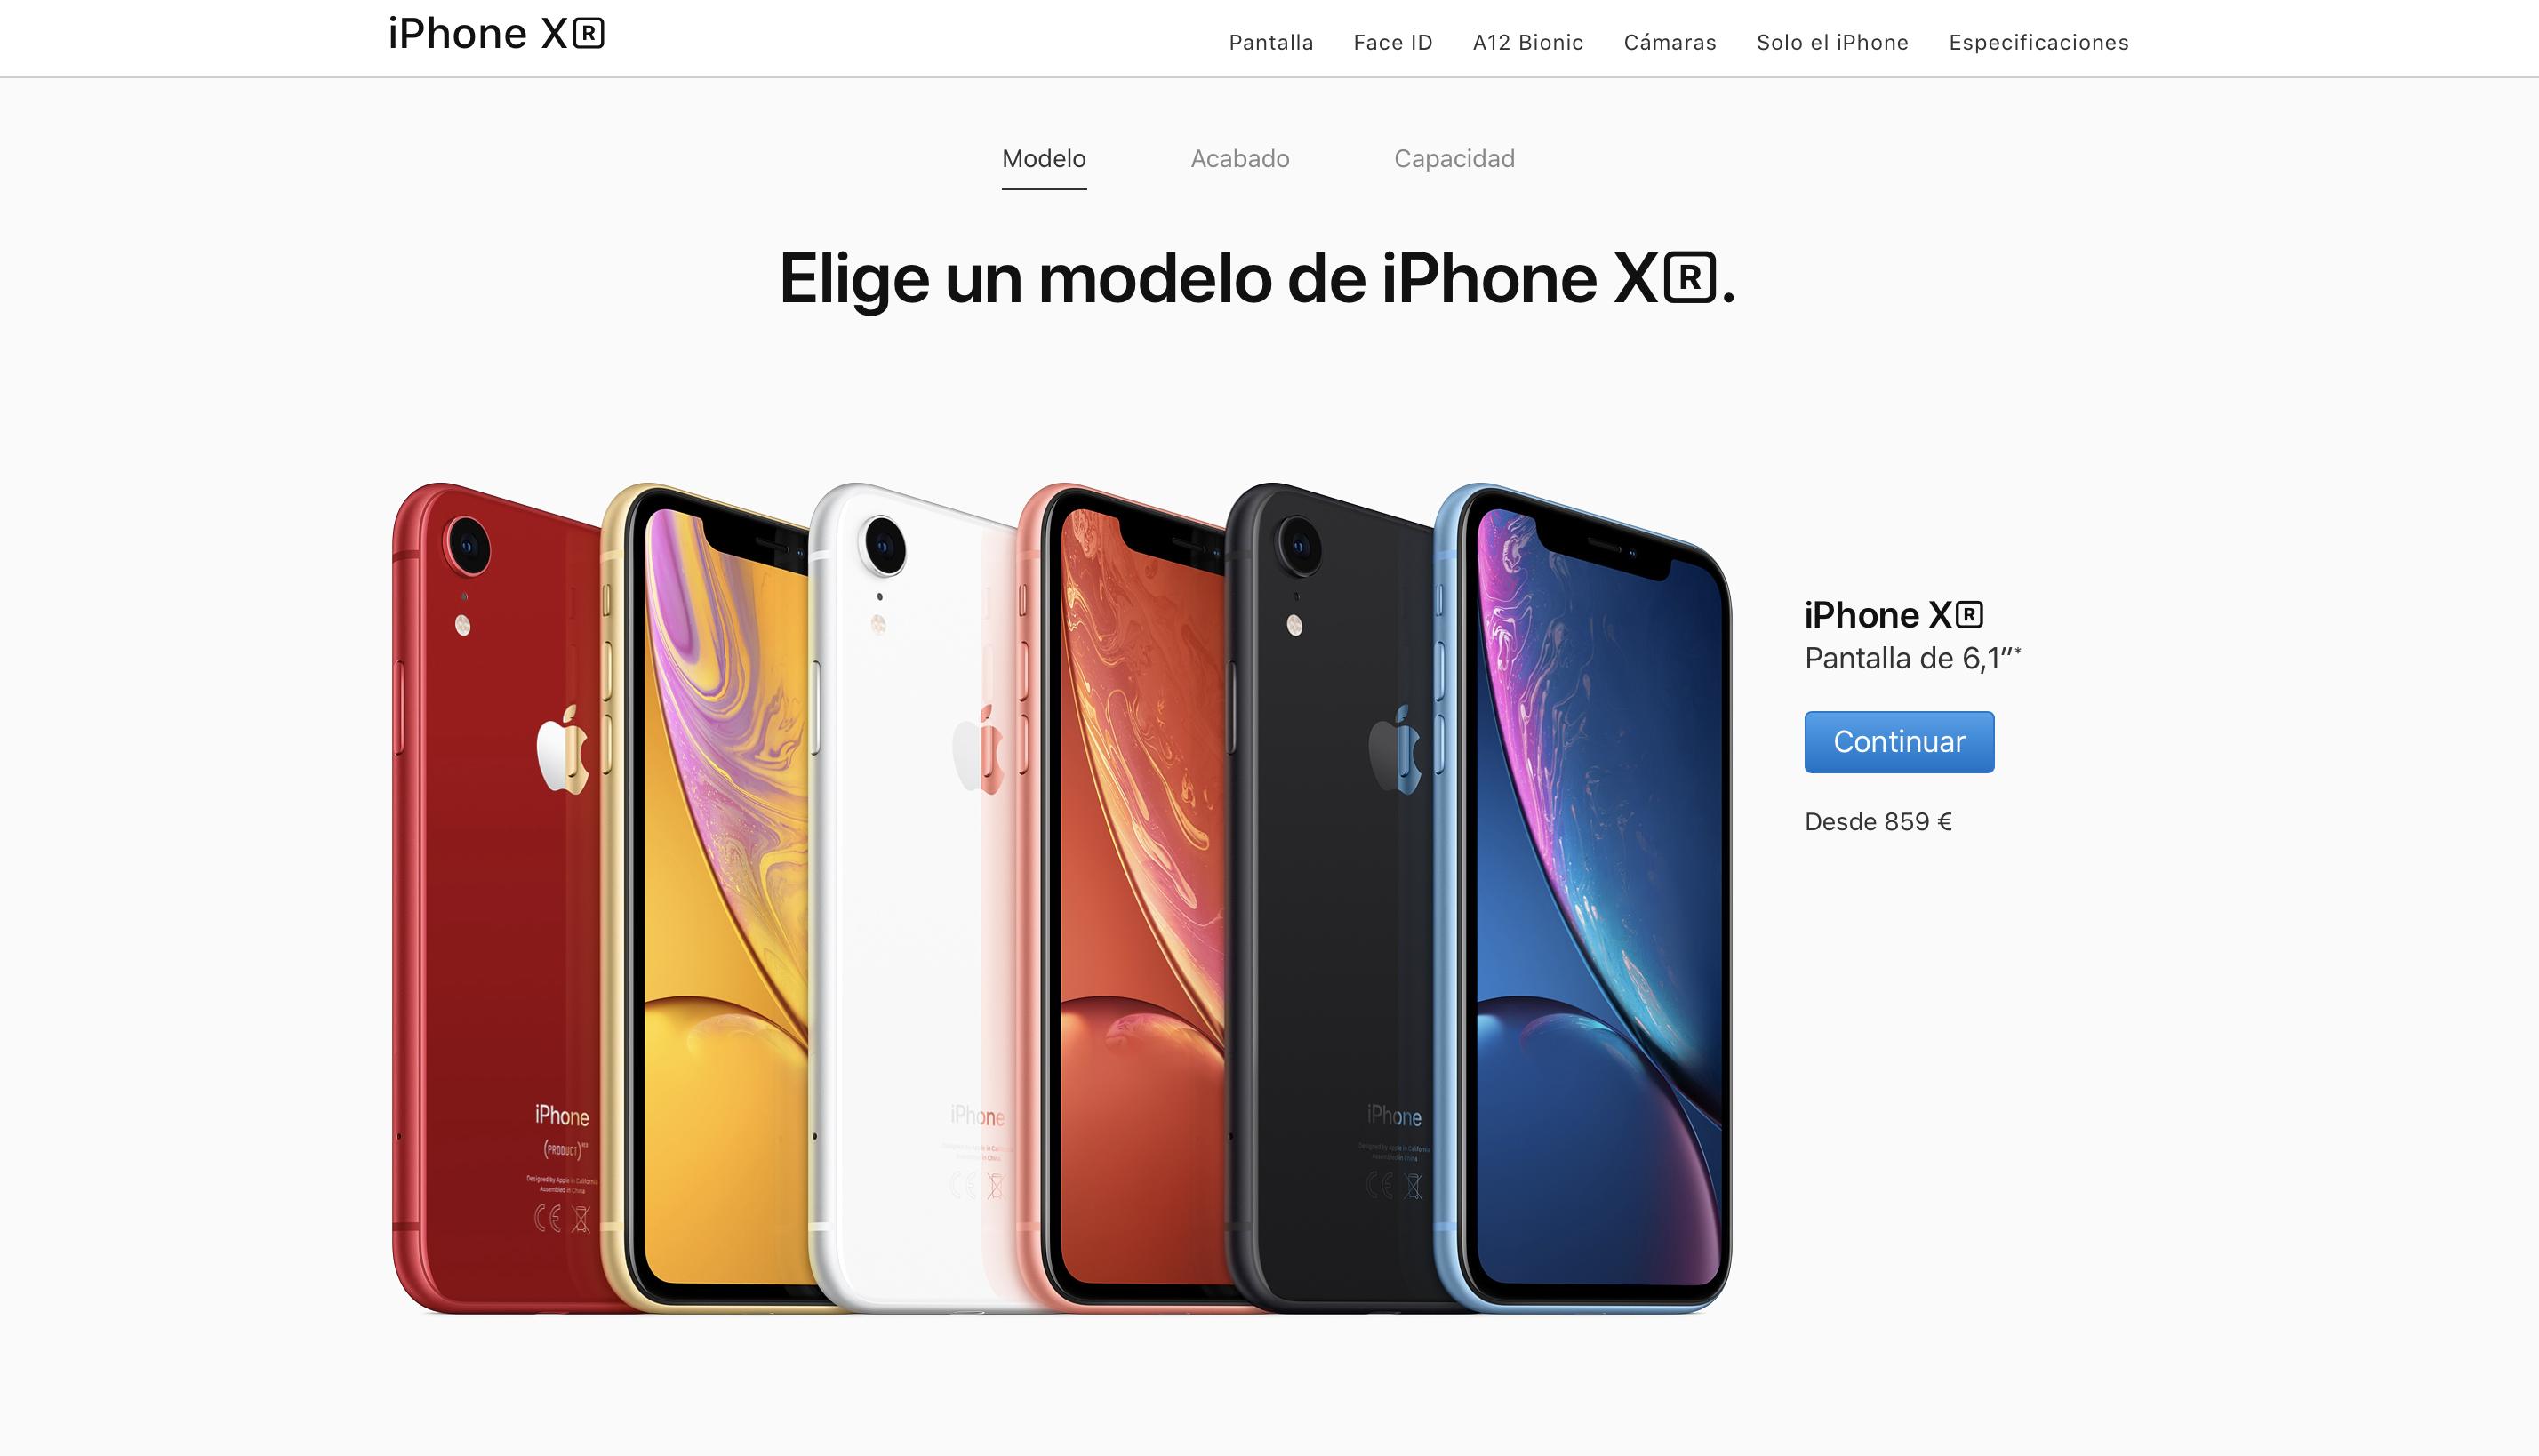 ¿Hay mucho stock del iPhone XR o simplemente no se está vendiendo?